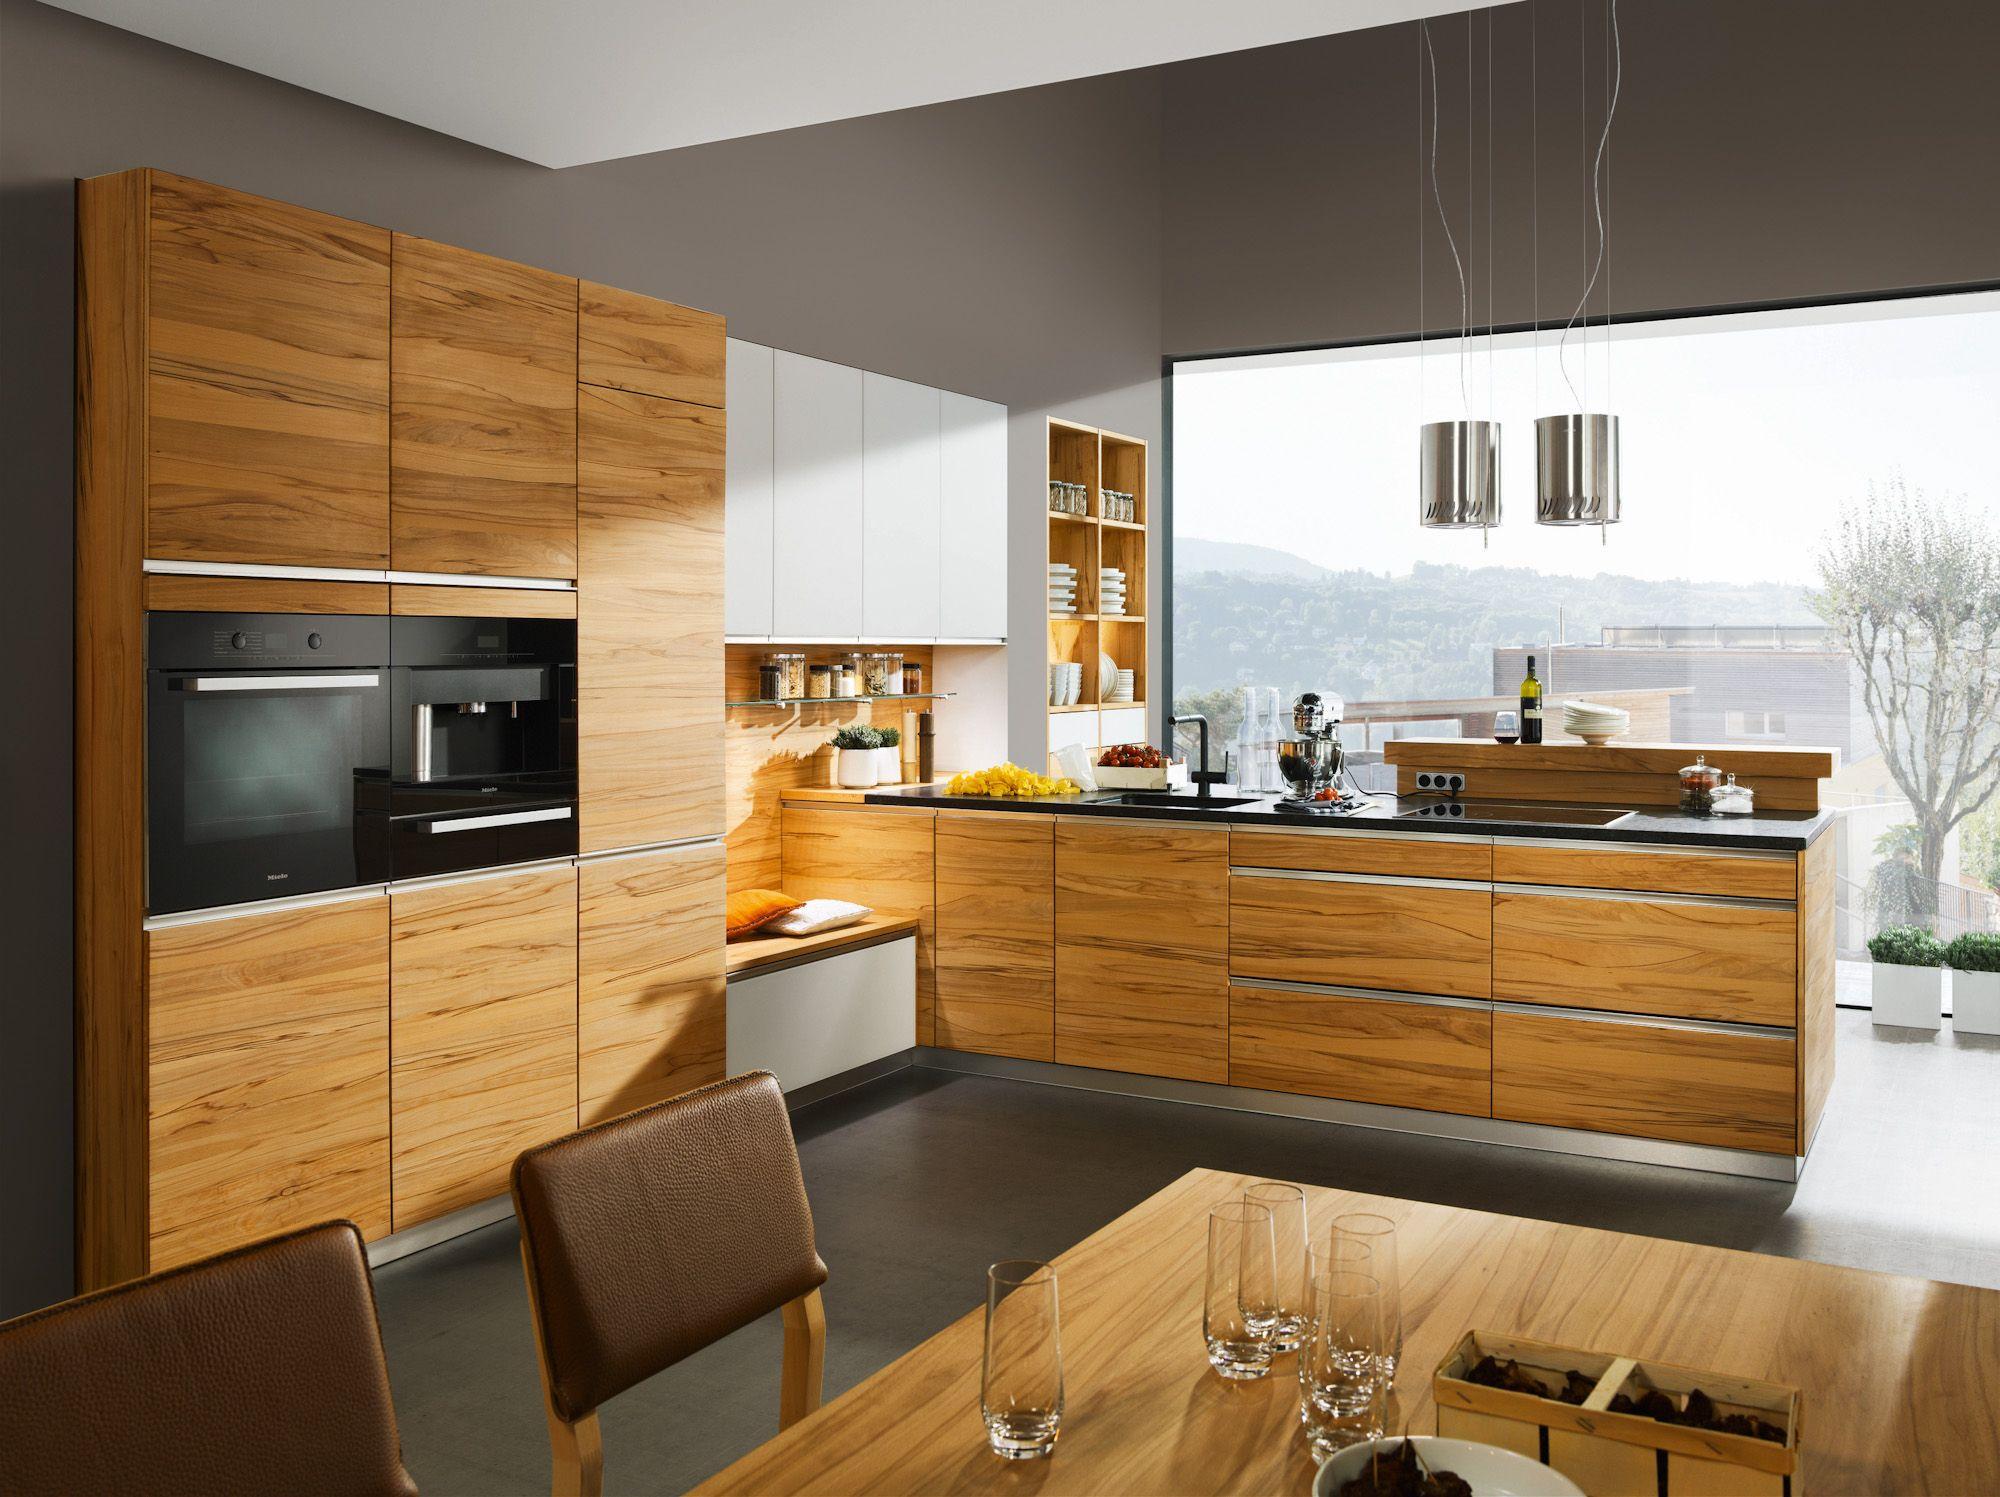 Massivholzküchen, Hochglanzlack, Landhausstil